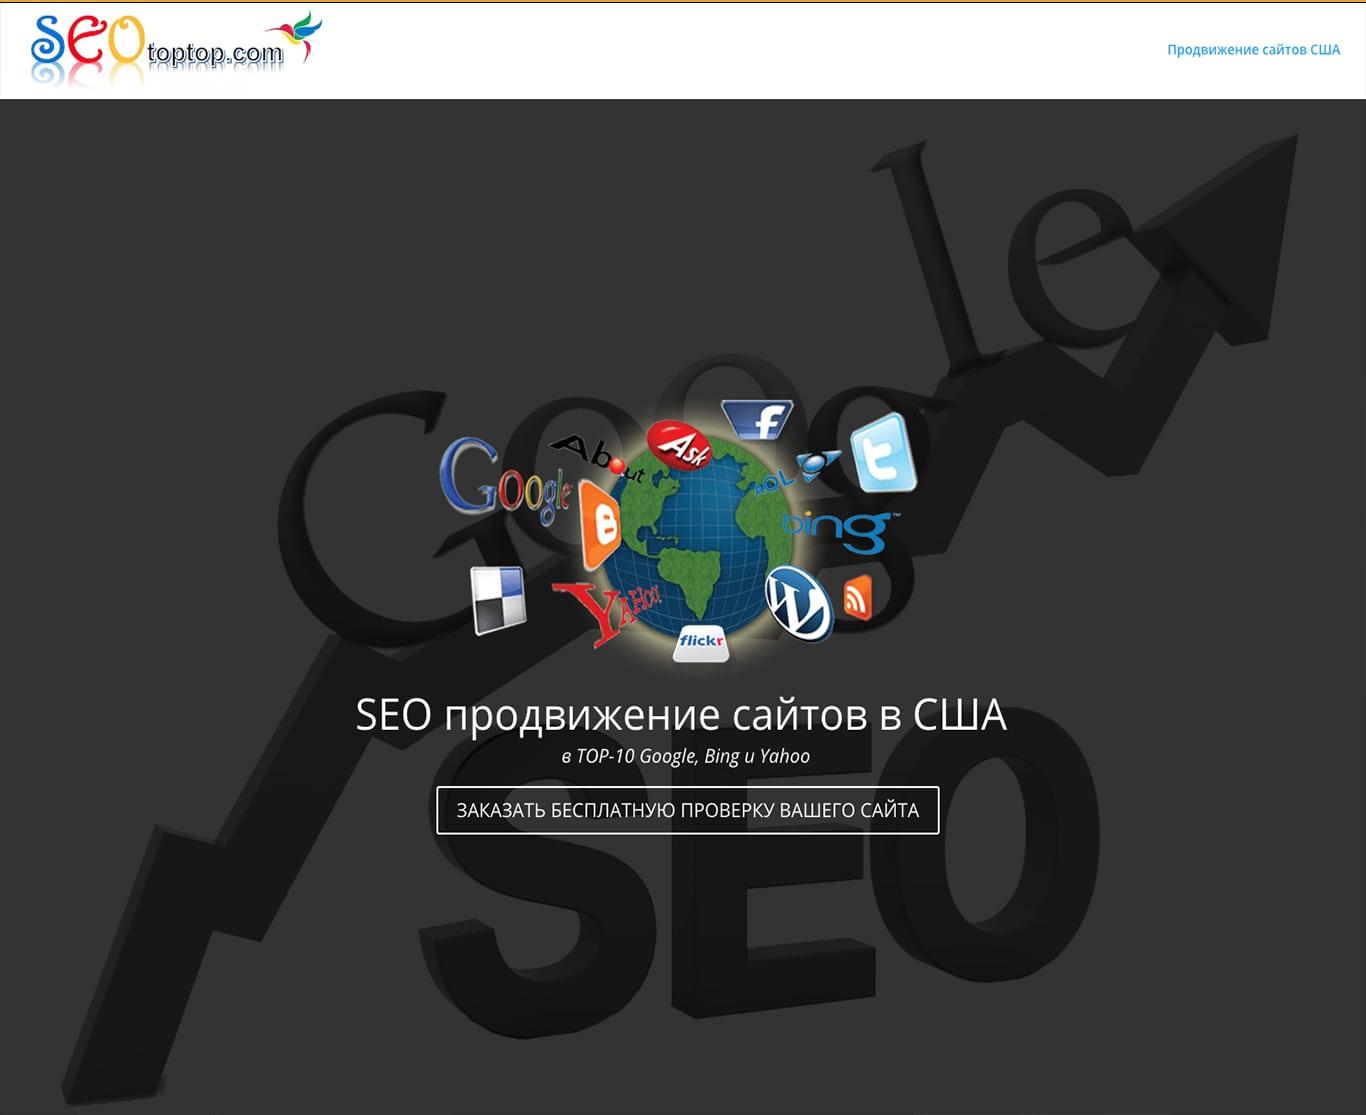 SEO-продвижение-сайтов-в-США-portfolio-seo-services-seotoptop.com-seo-usa